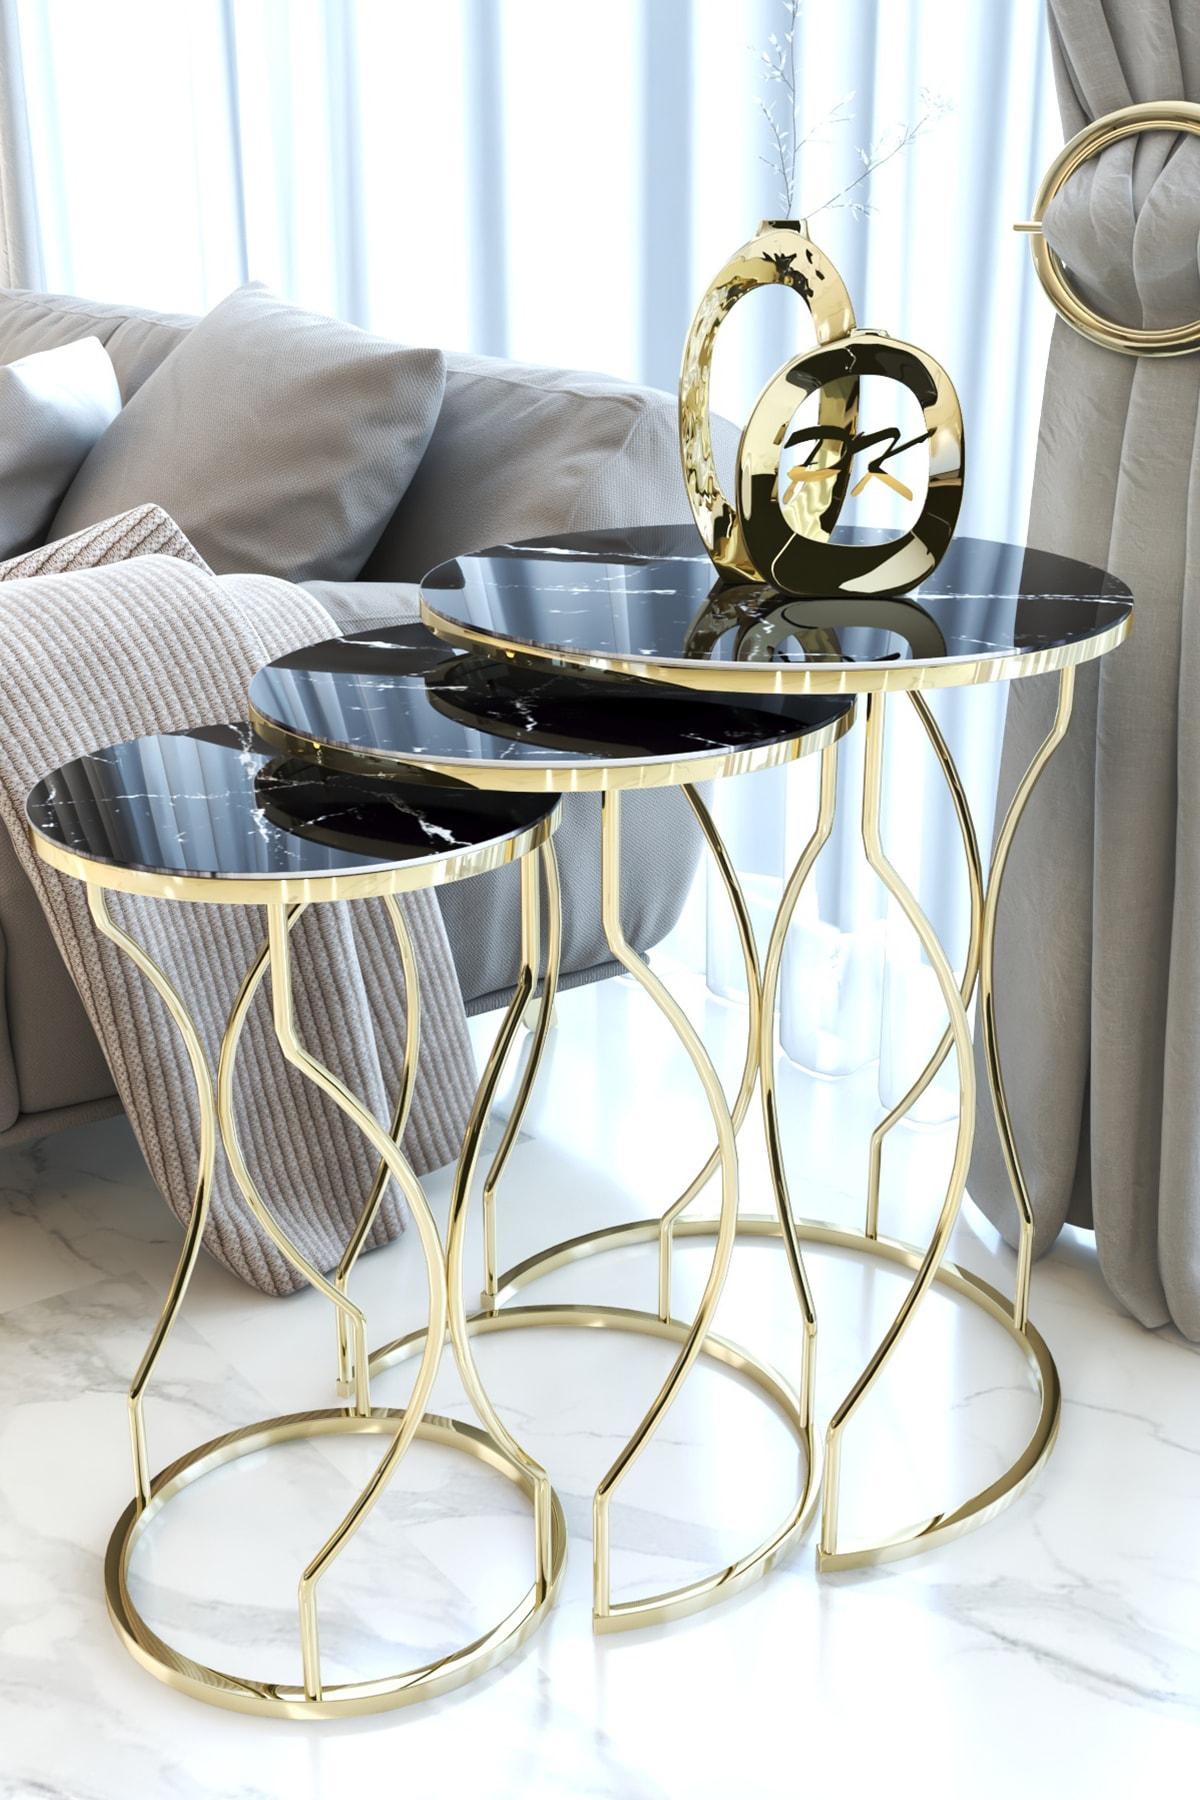 Kırılmaz Camlı Gold Rüya Model Zigon Sehpa Takımı ( Siyah Mermer Desenli)